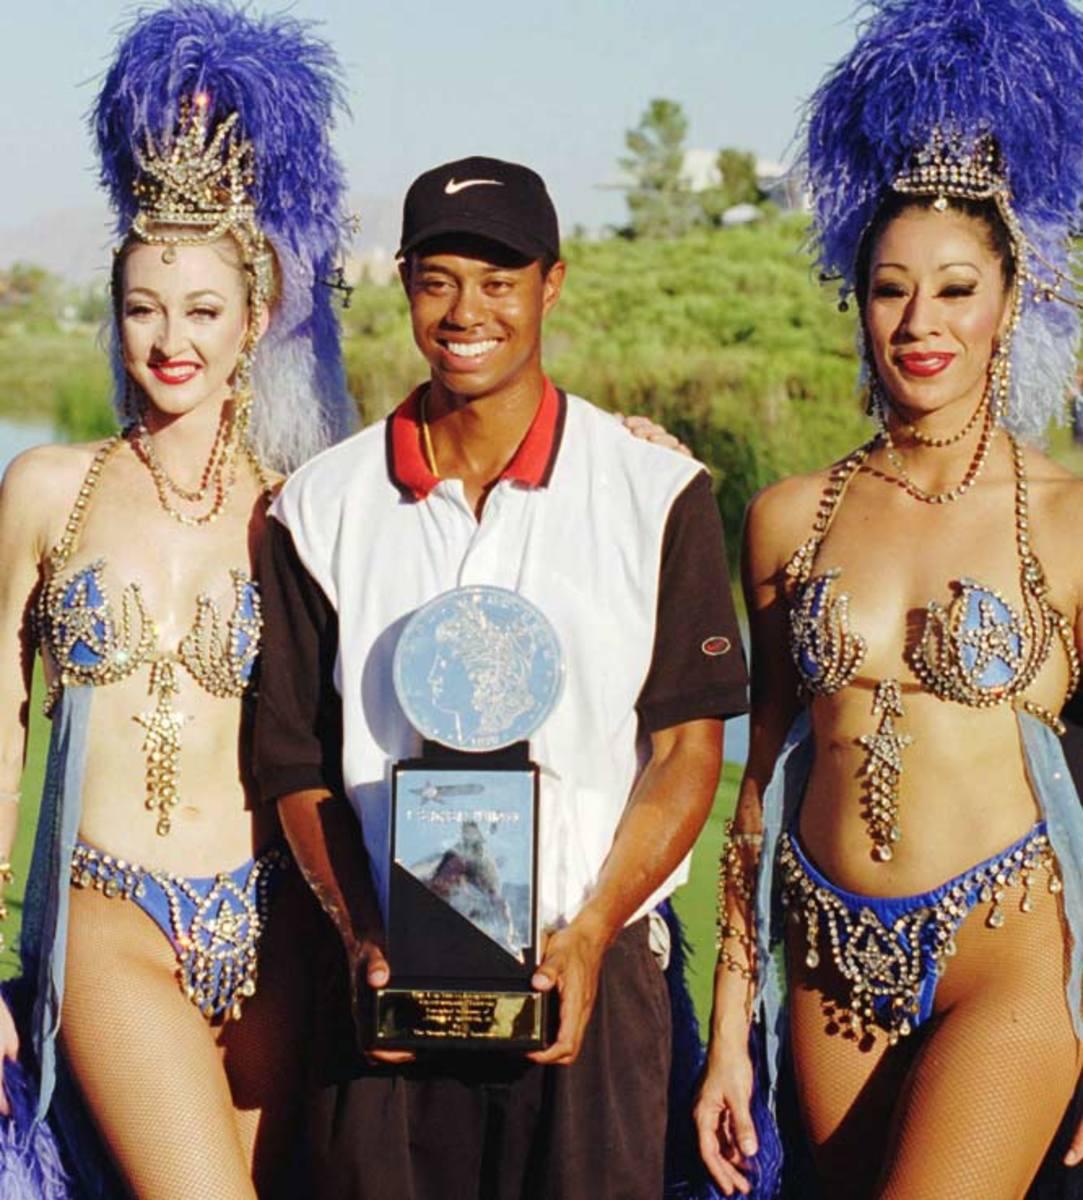 Tiger Woods, 1996 Las Vegas Invitational